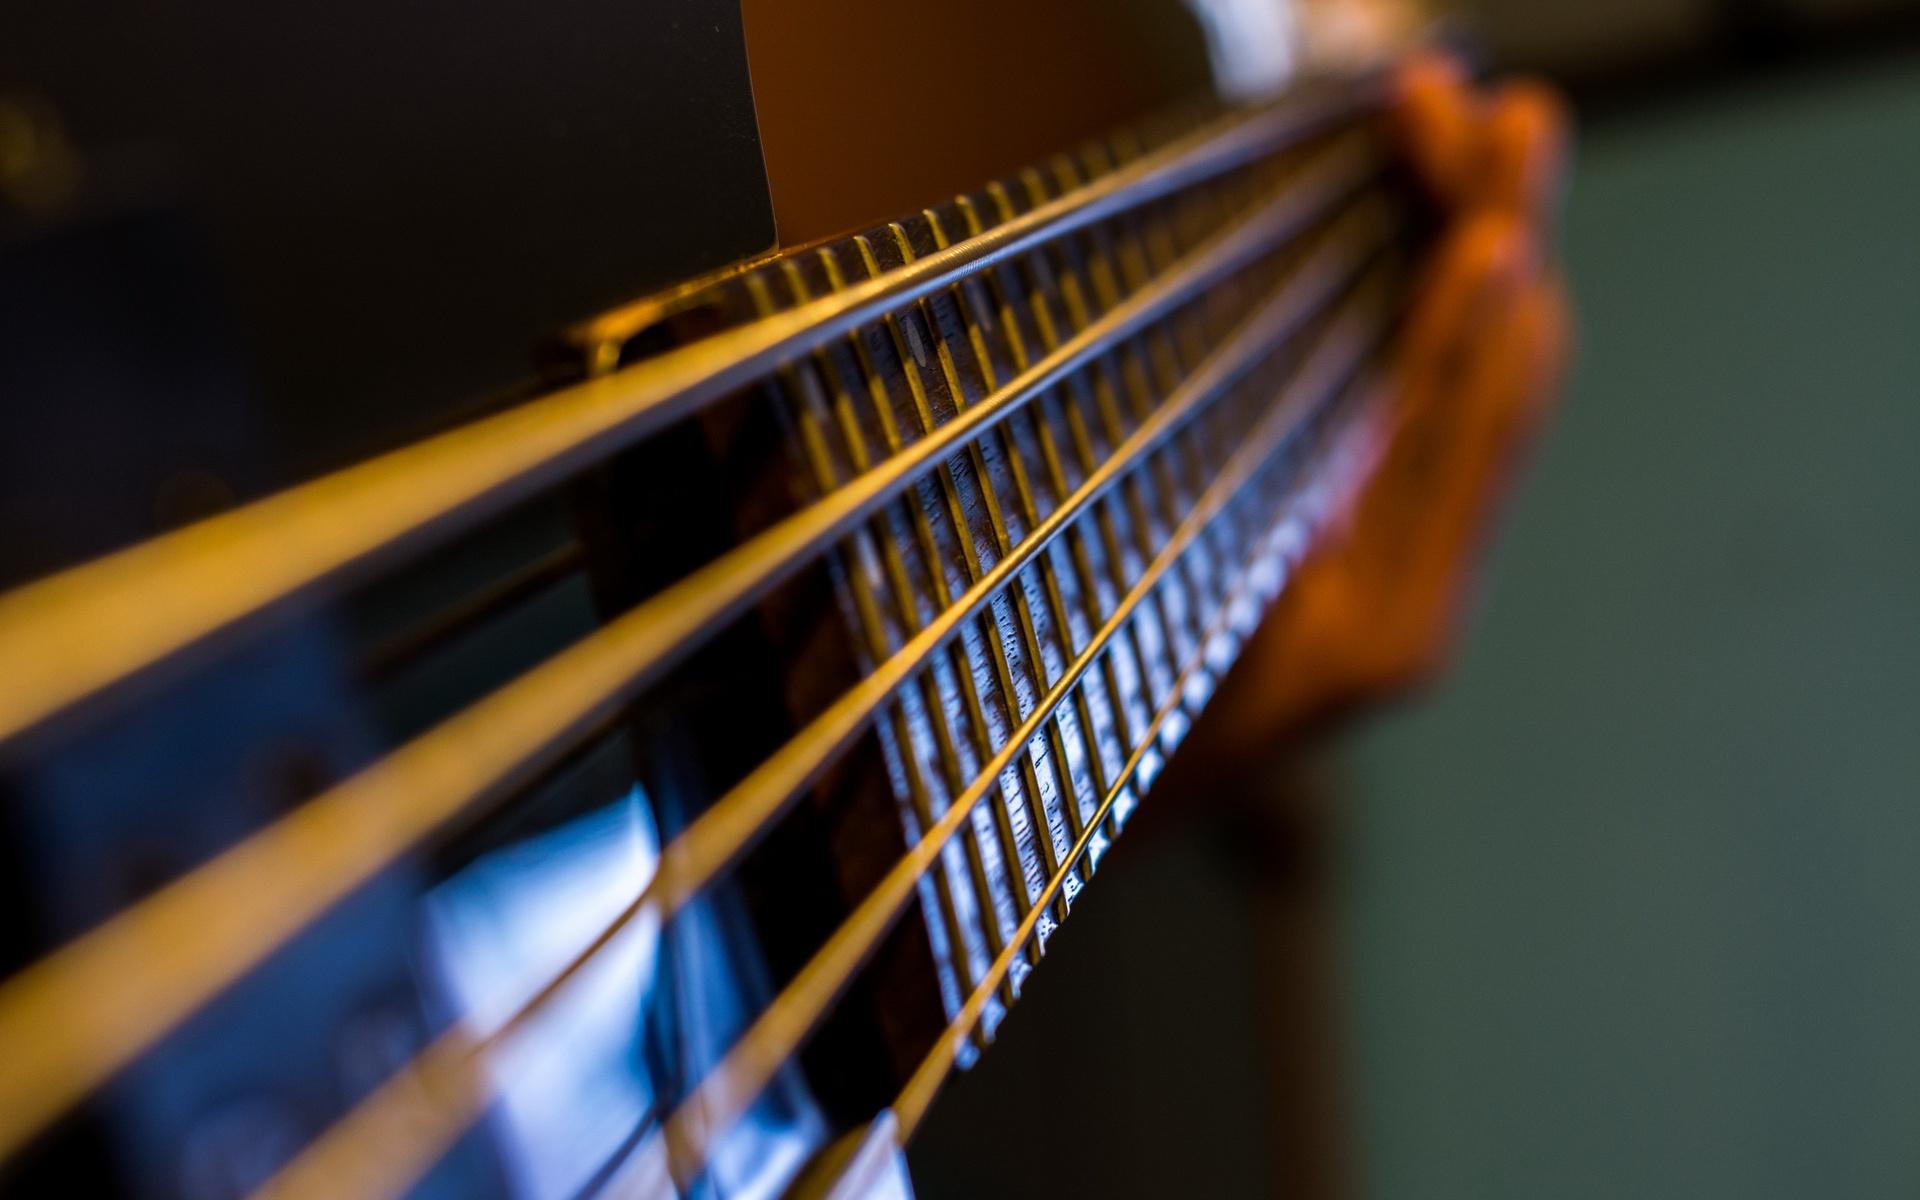 струны, Гитара, макро, музыка